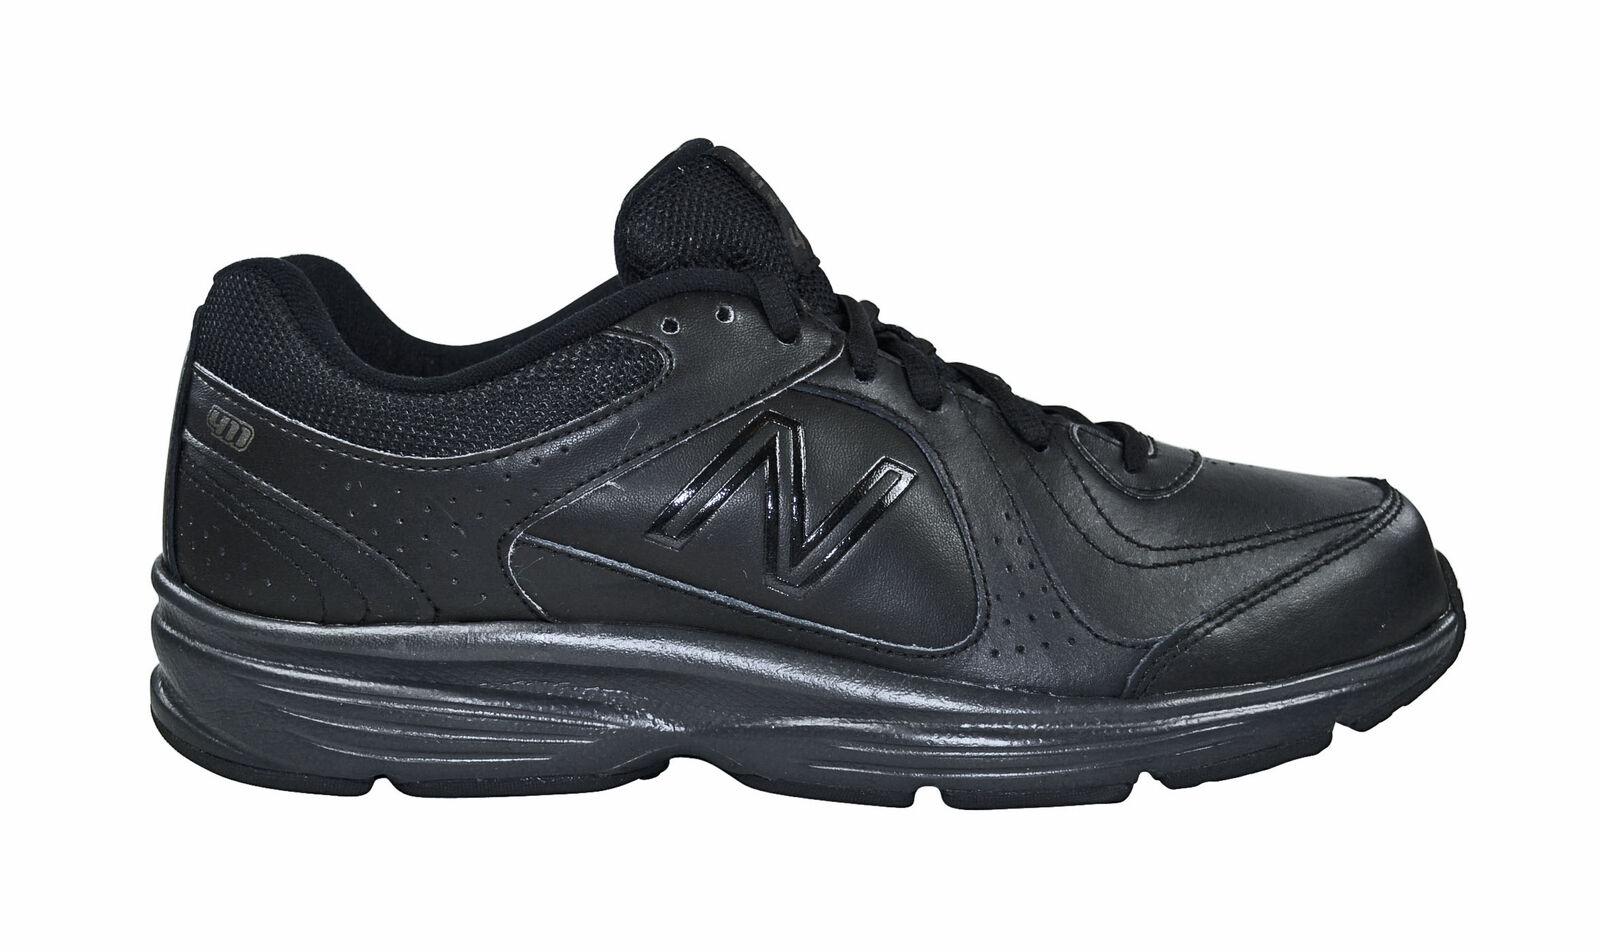 New balance mw411 BK negro zapatos Walking-zapatos tamaños selección